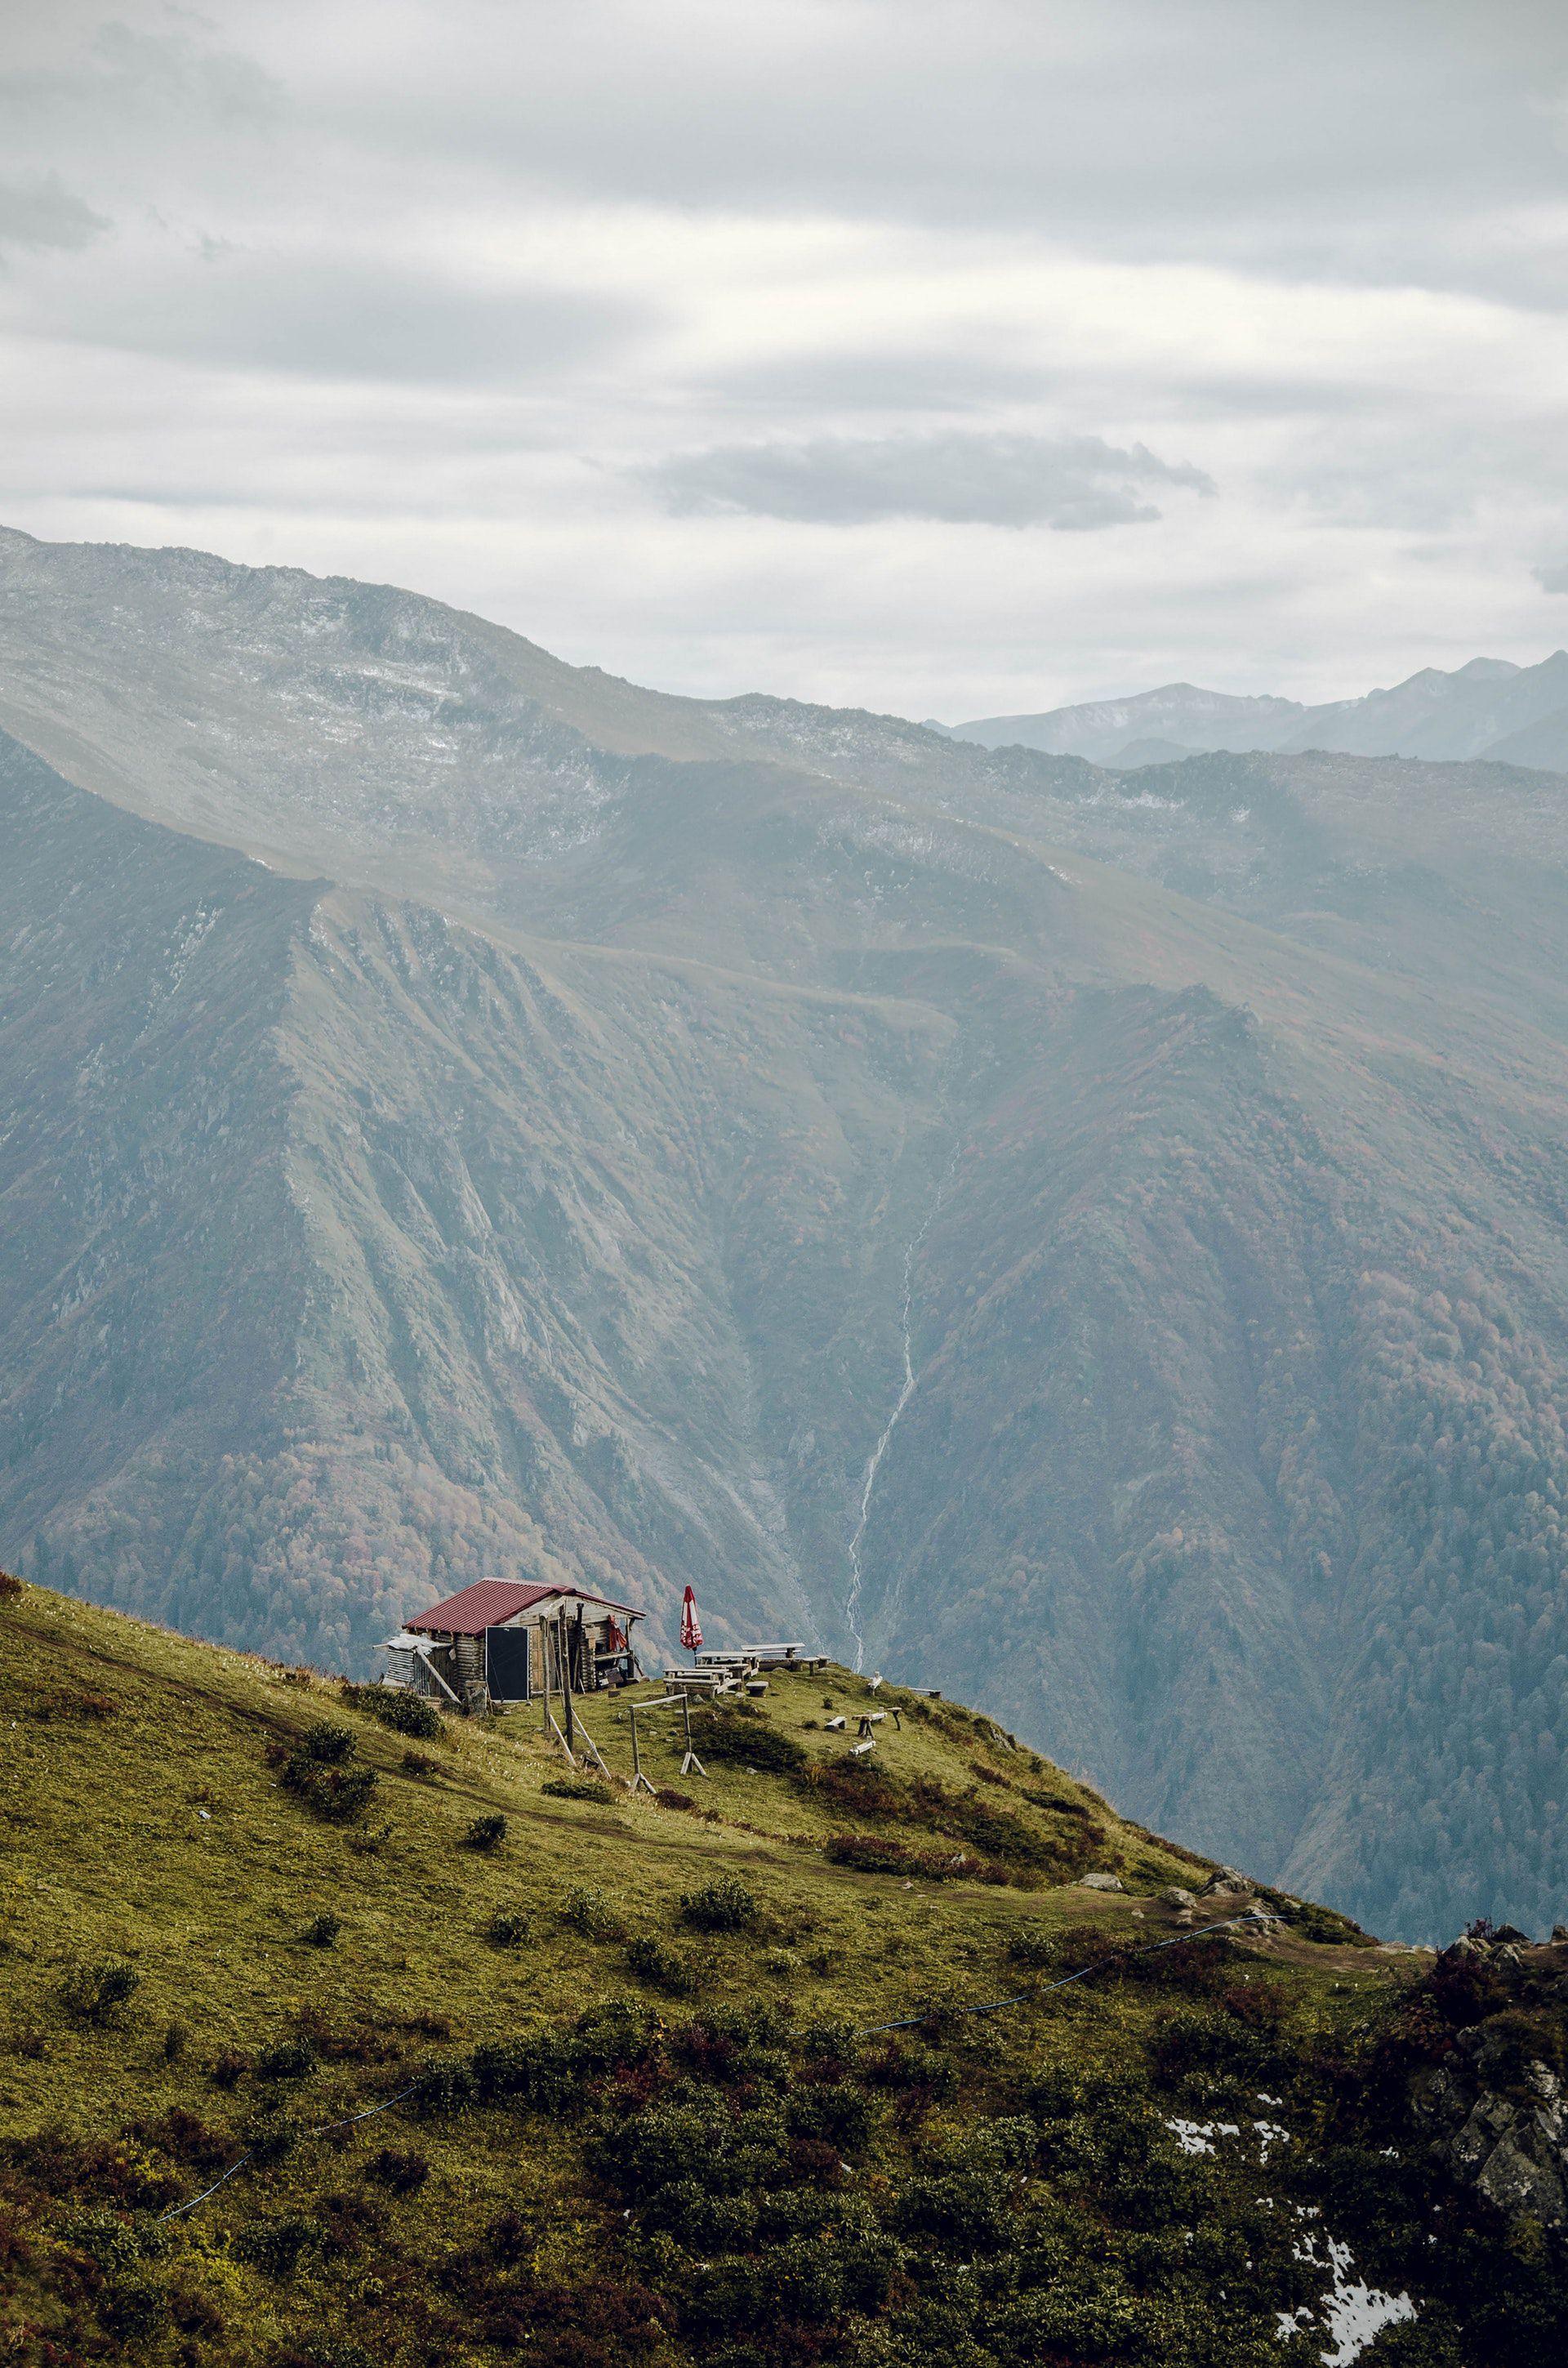 عکس زمینه کلبه روی تپه سبز پس زمینه